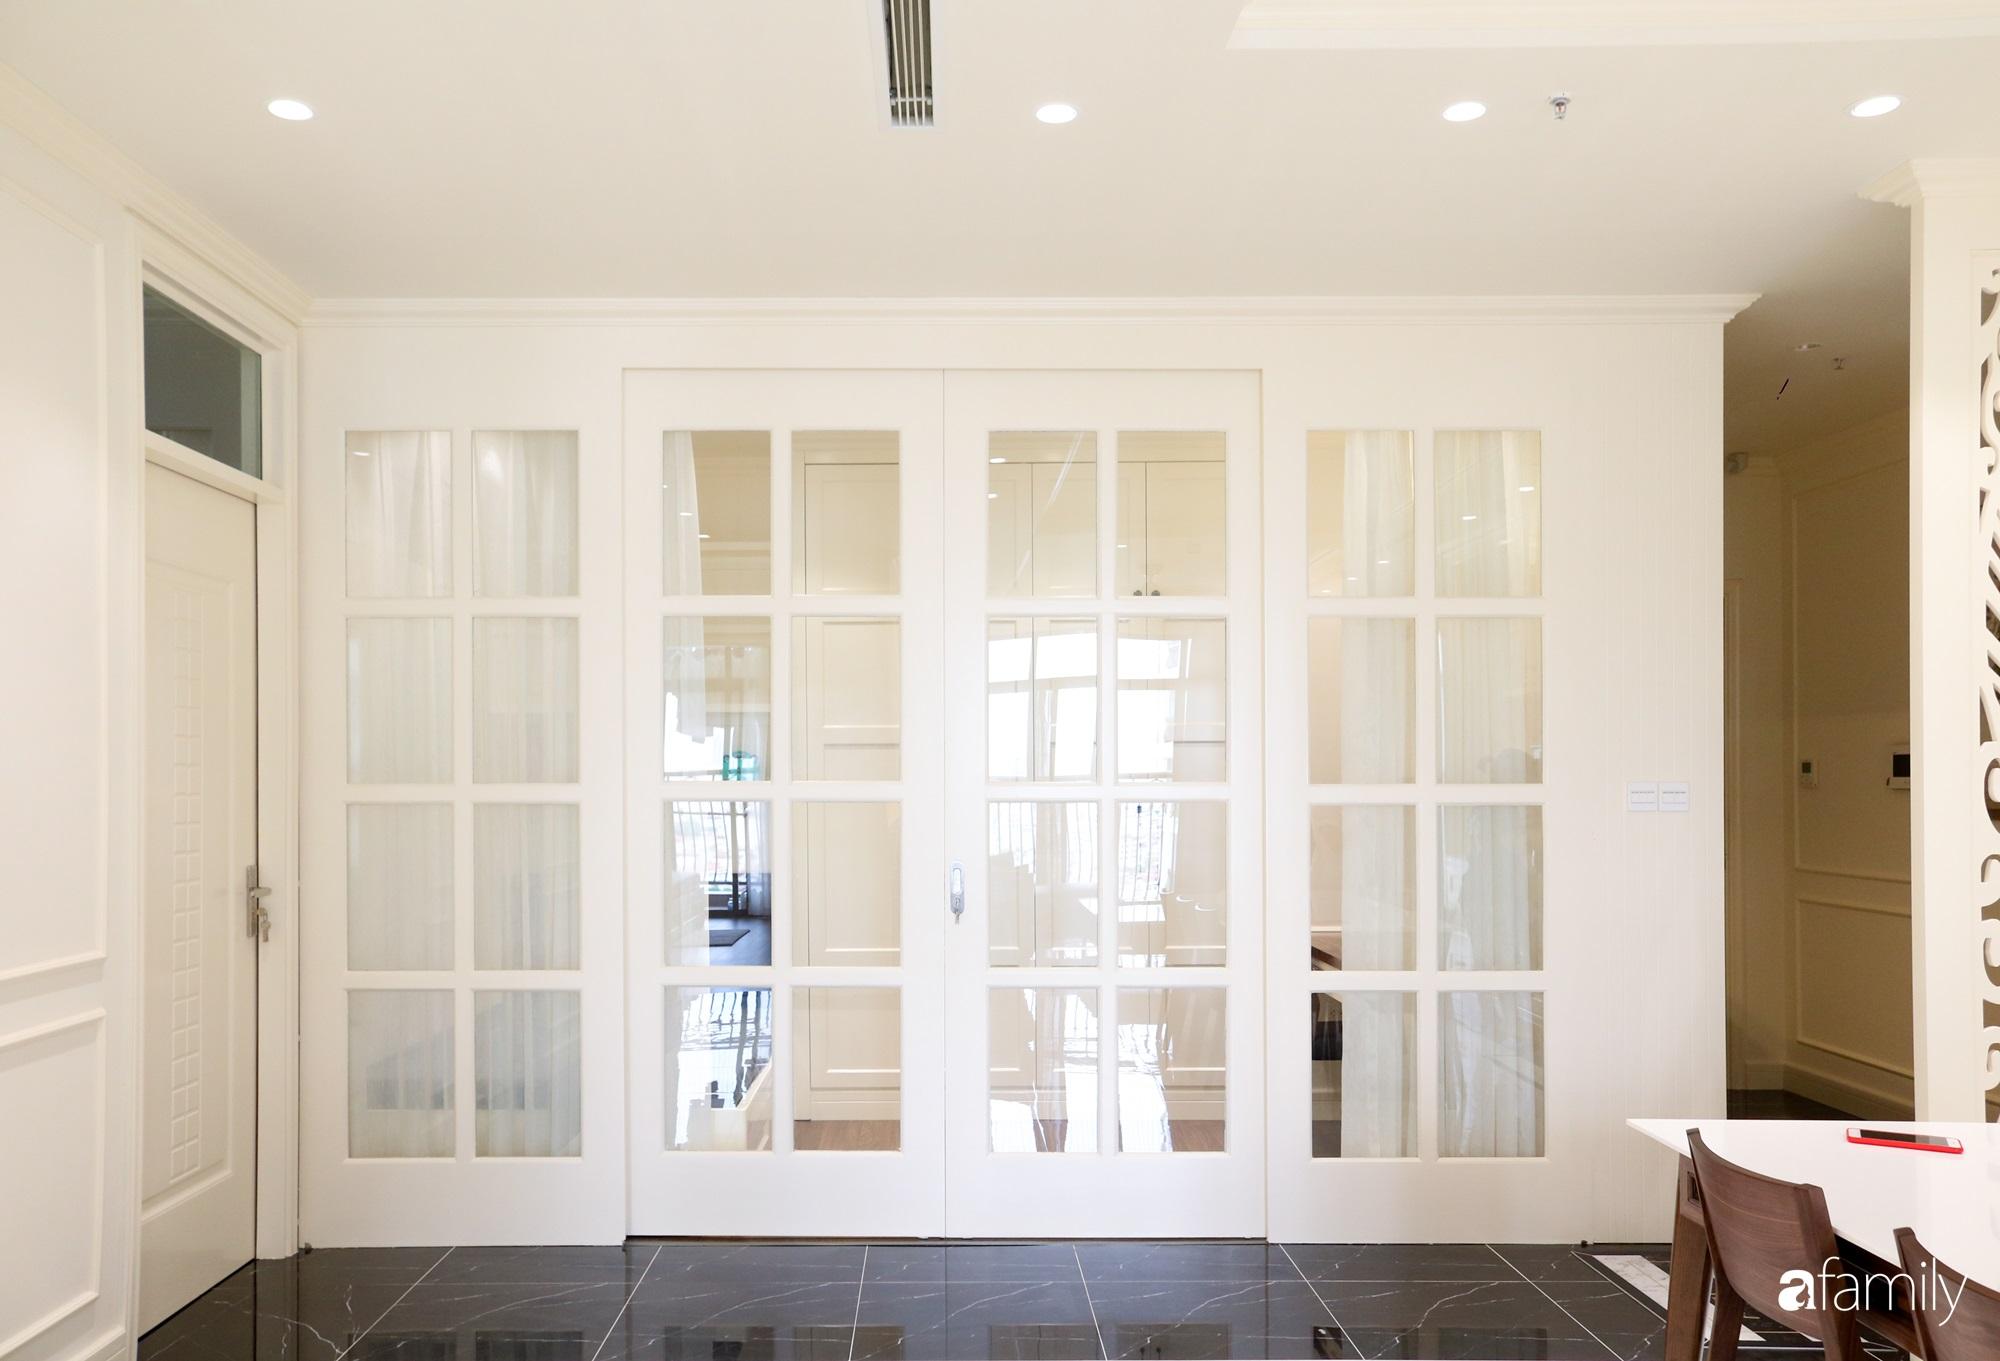 Căn hộ 121m² đẹp sang chảnh với phong cách mang hơi hướng cổ điển ở Hà Nội - Ảnh 11.